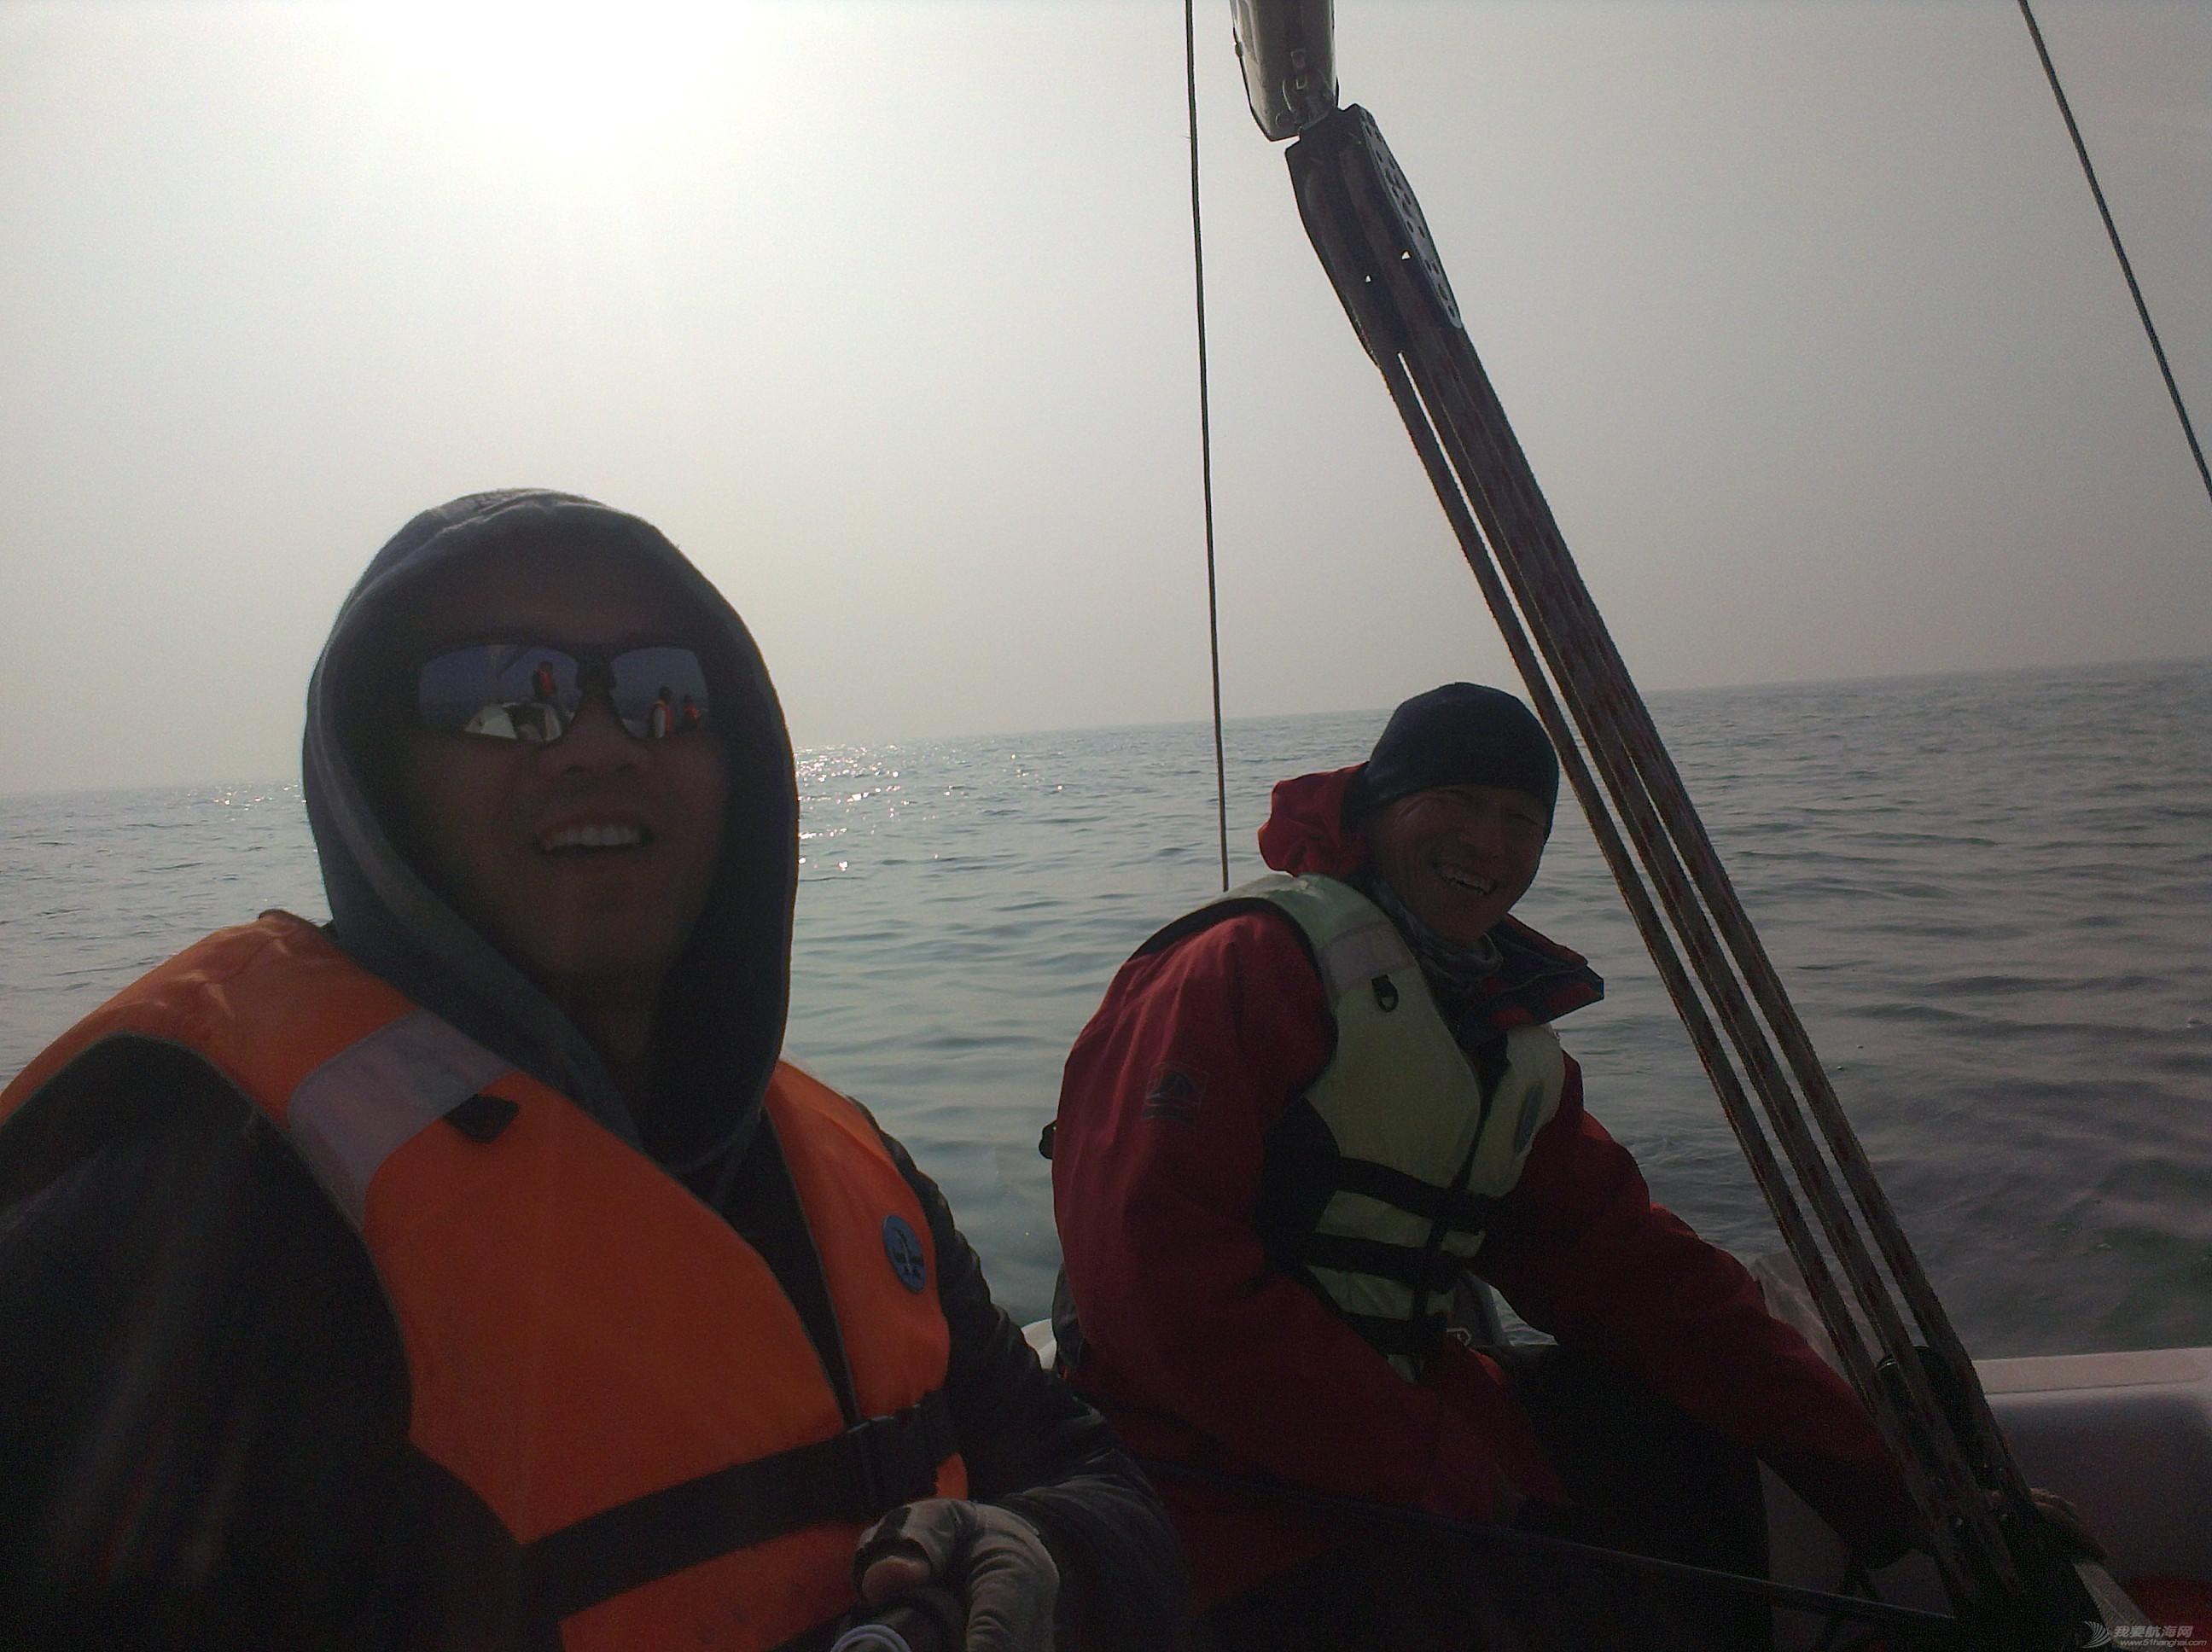 帆船 免费航海不是梦…我是十四期学员(我要去航海/全民公益航海帆船训练) C360_2016-01-02-10-25-17-287.jpg